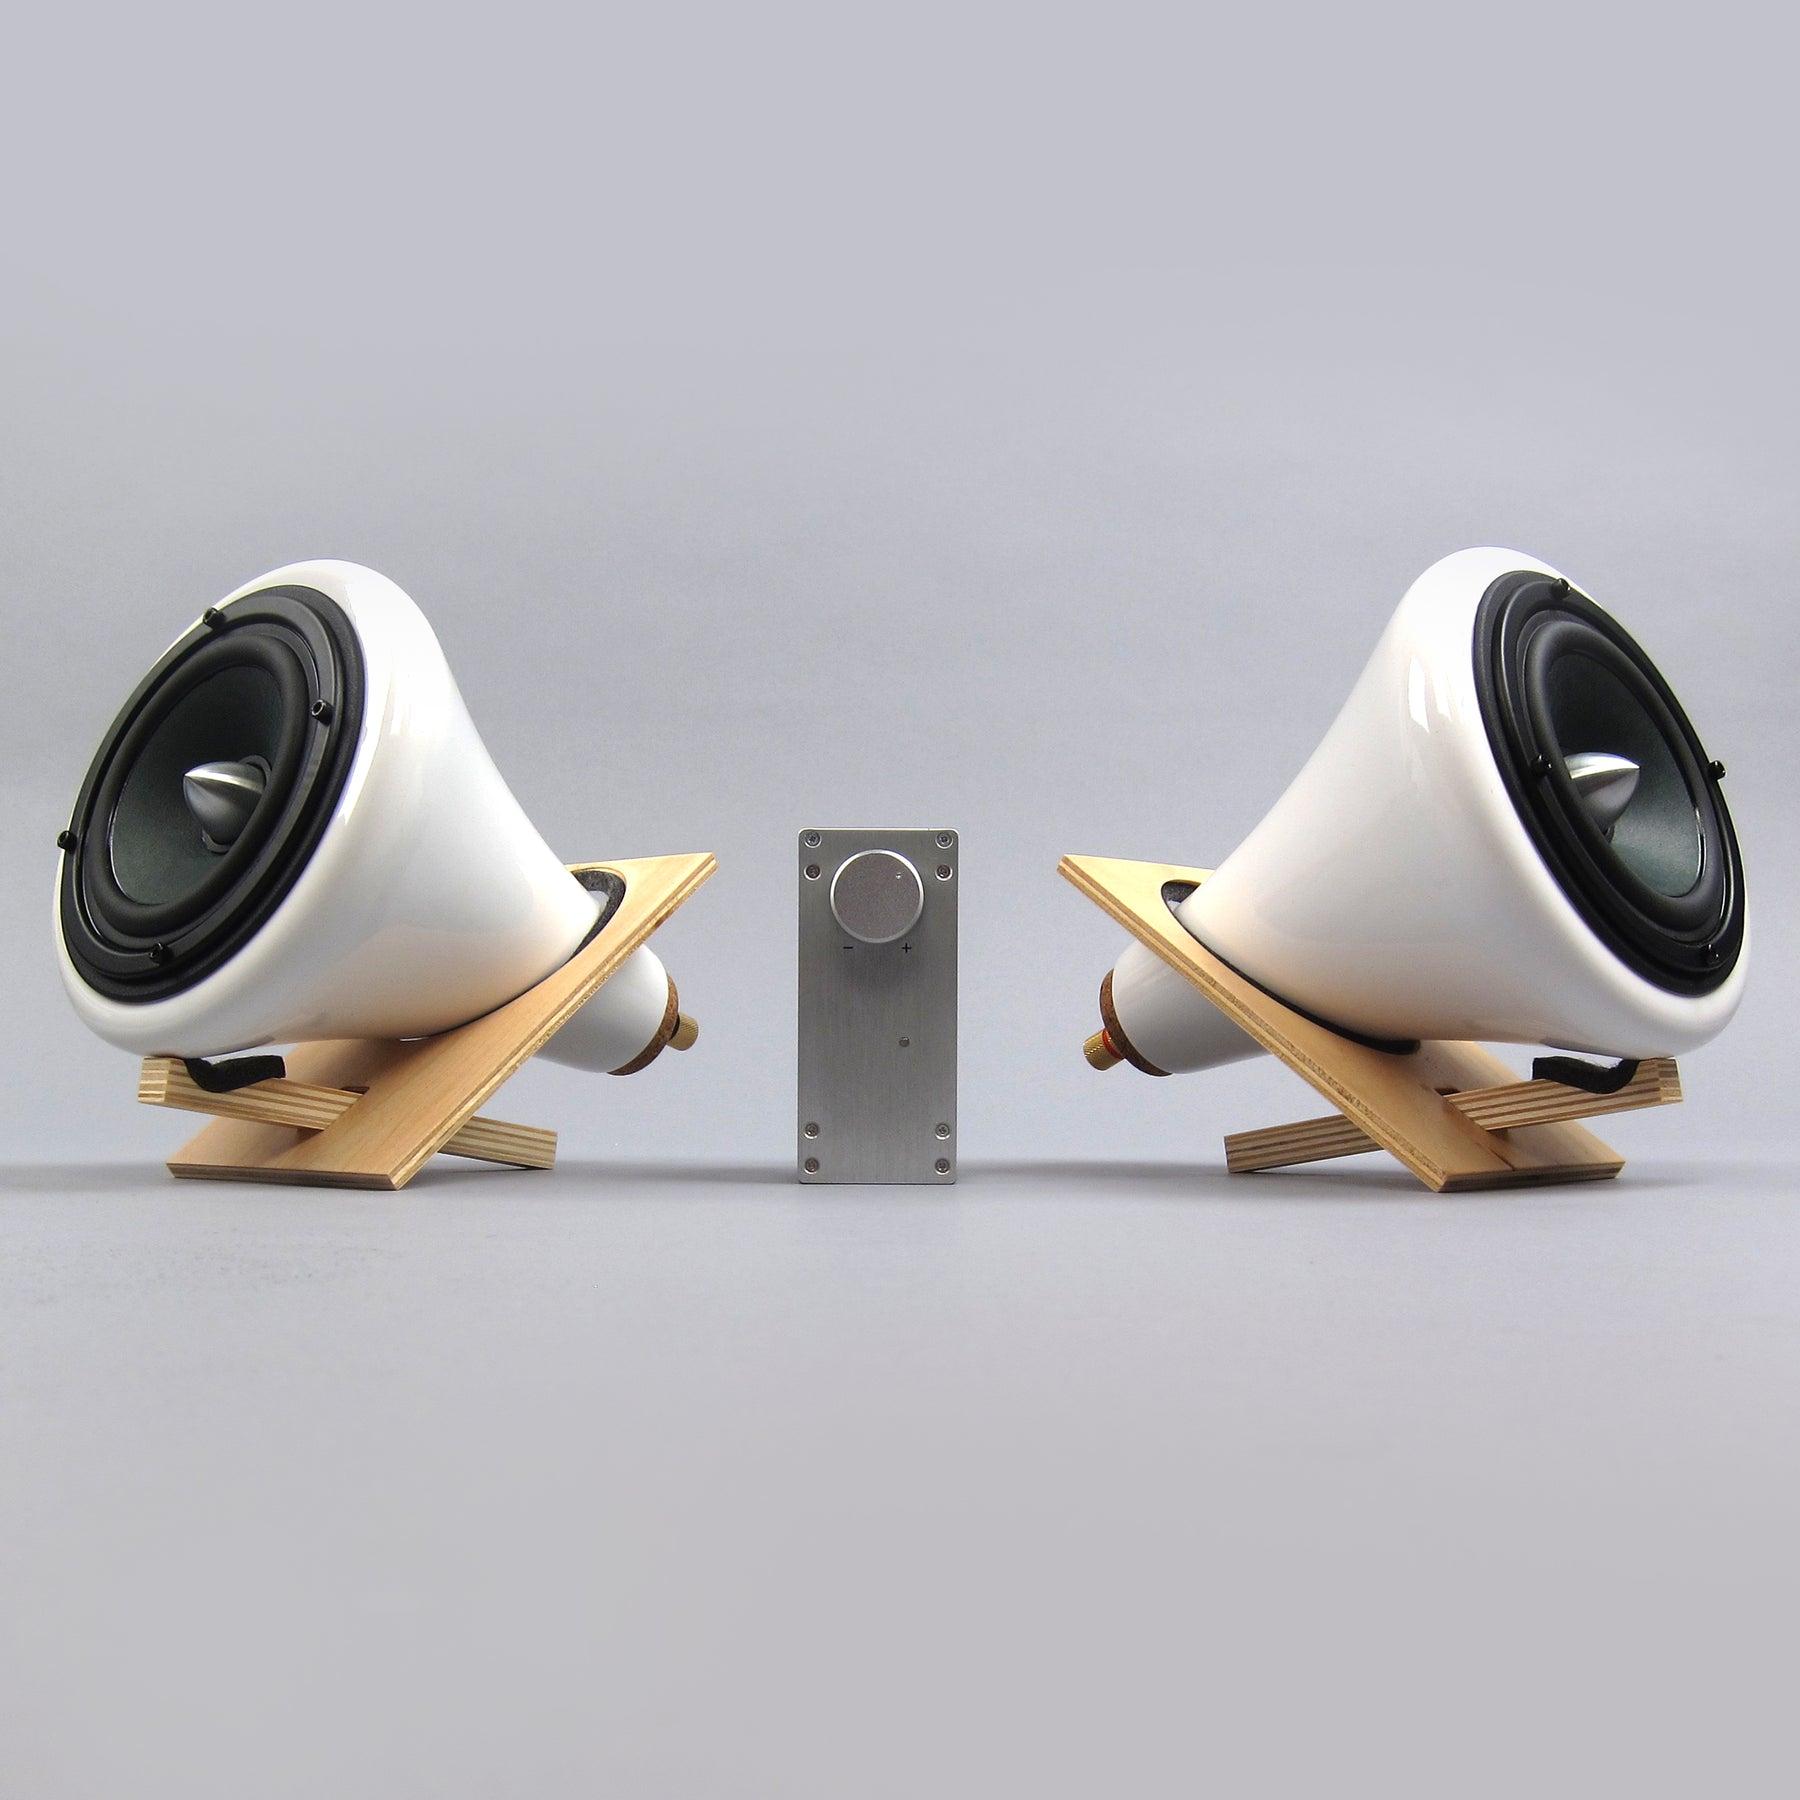 joey roth steel speaker review